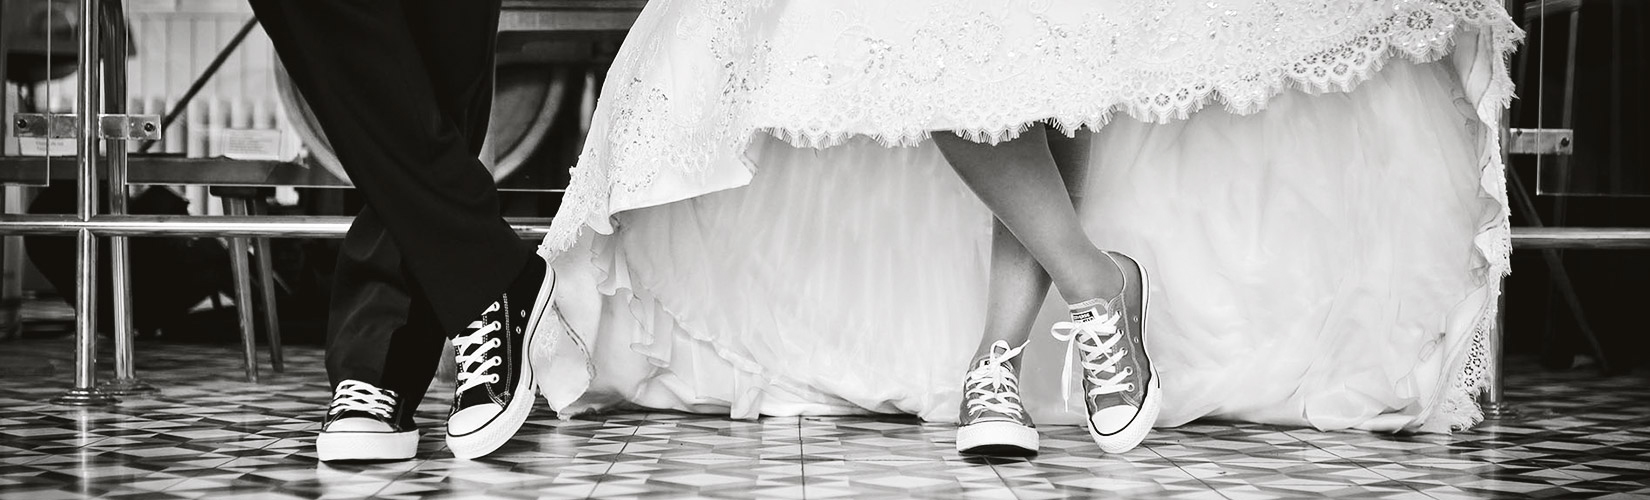 pareja-zapatillas-disena-tu-boda-web